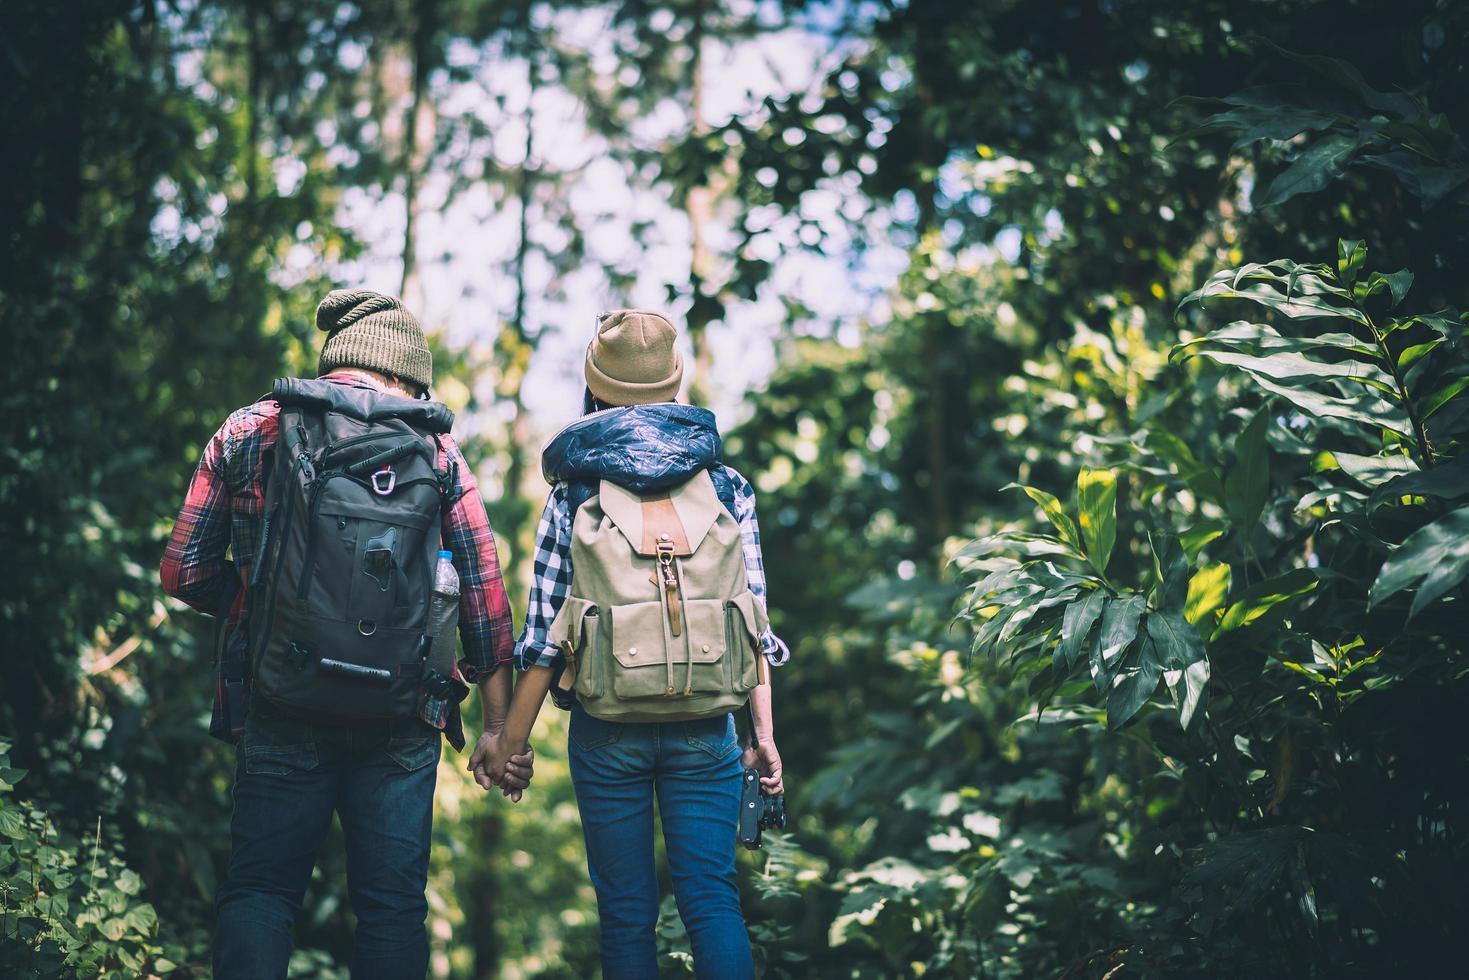 jeunes voyageurs actifs se tenant la main en marchant dans la forêt photo